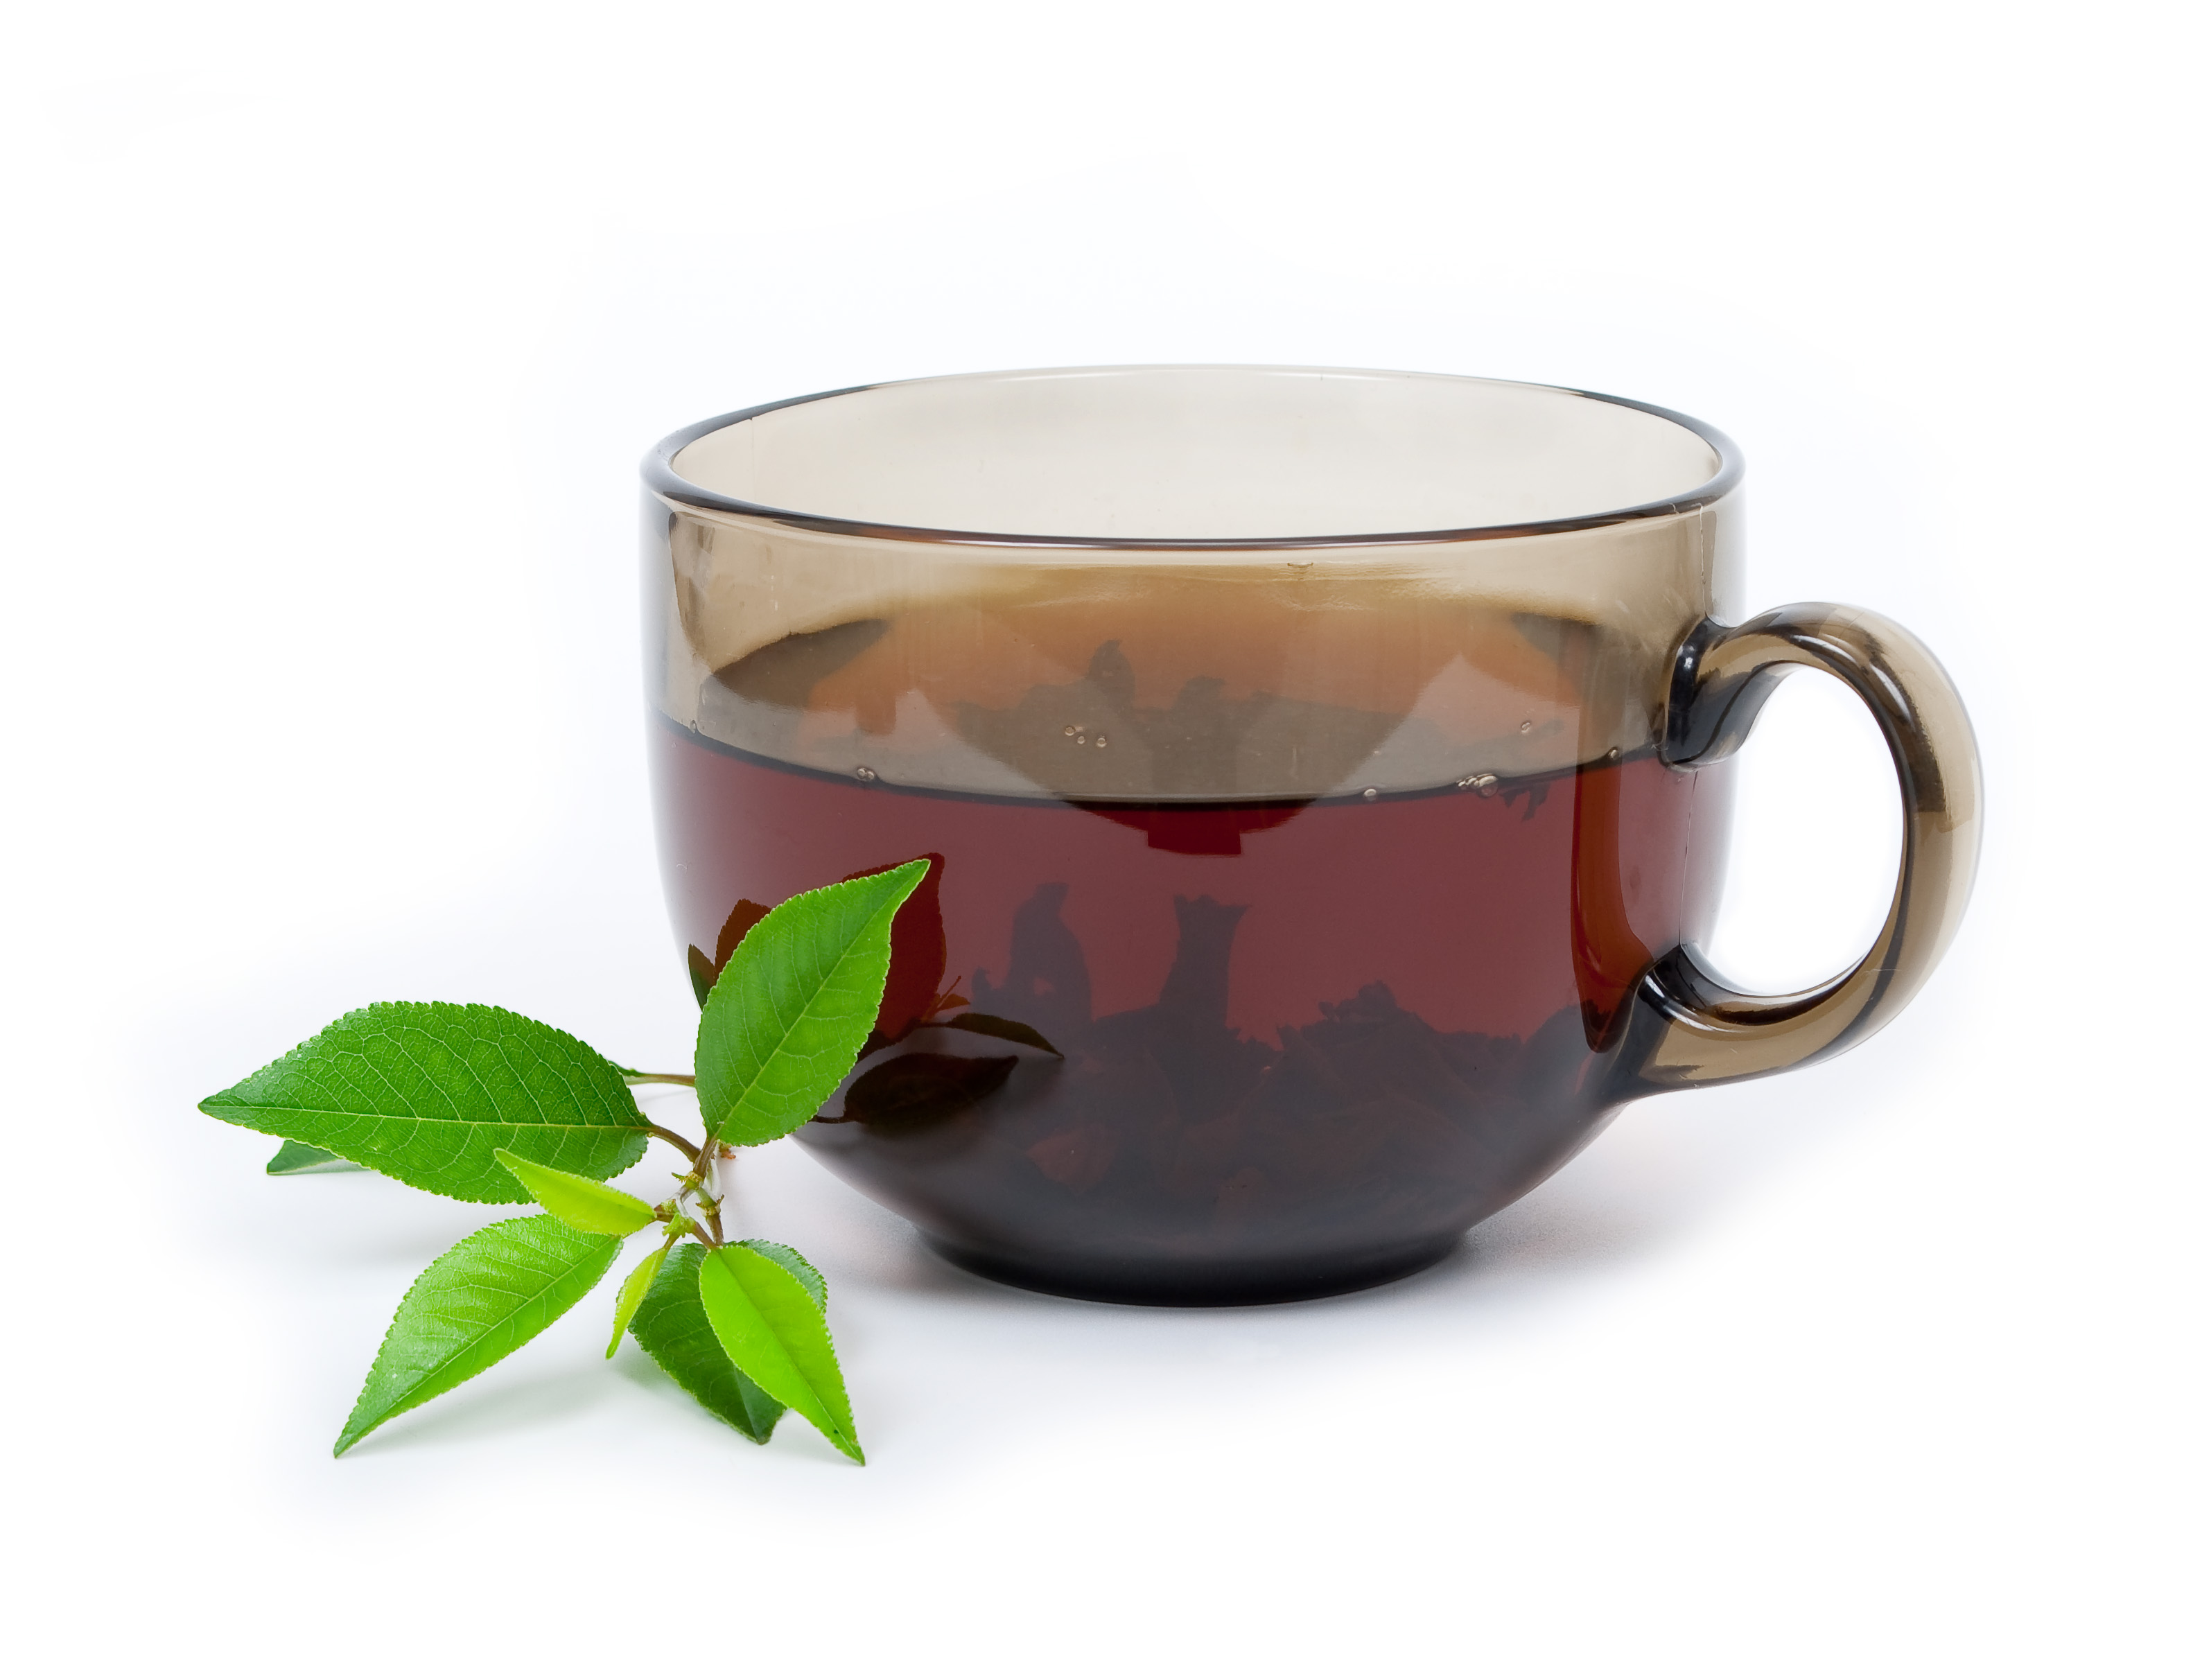 الفوائد العديدة للشاي.